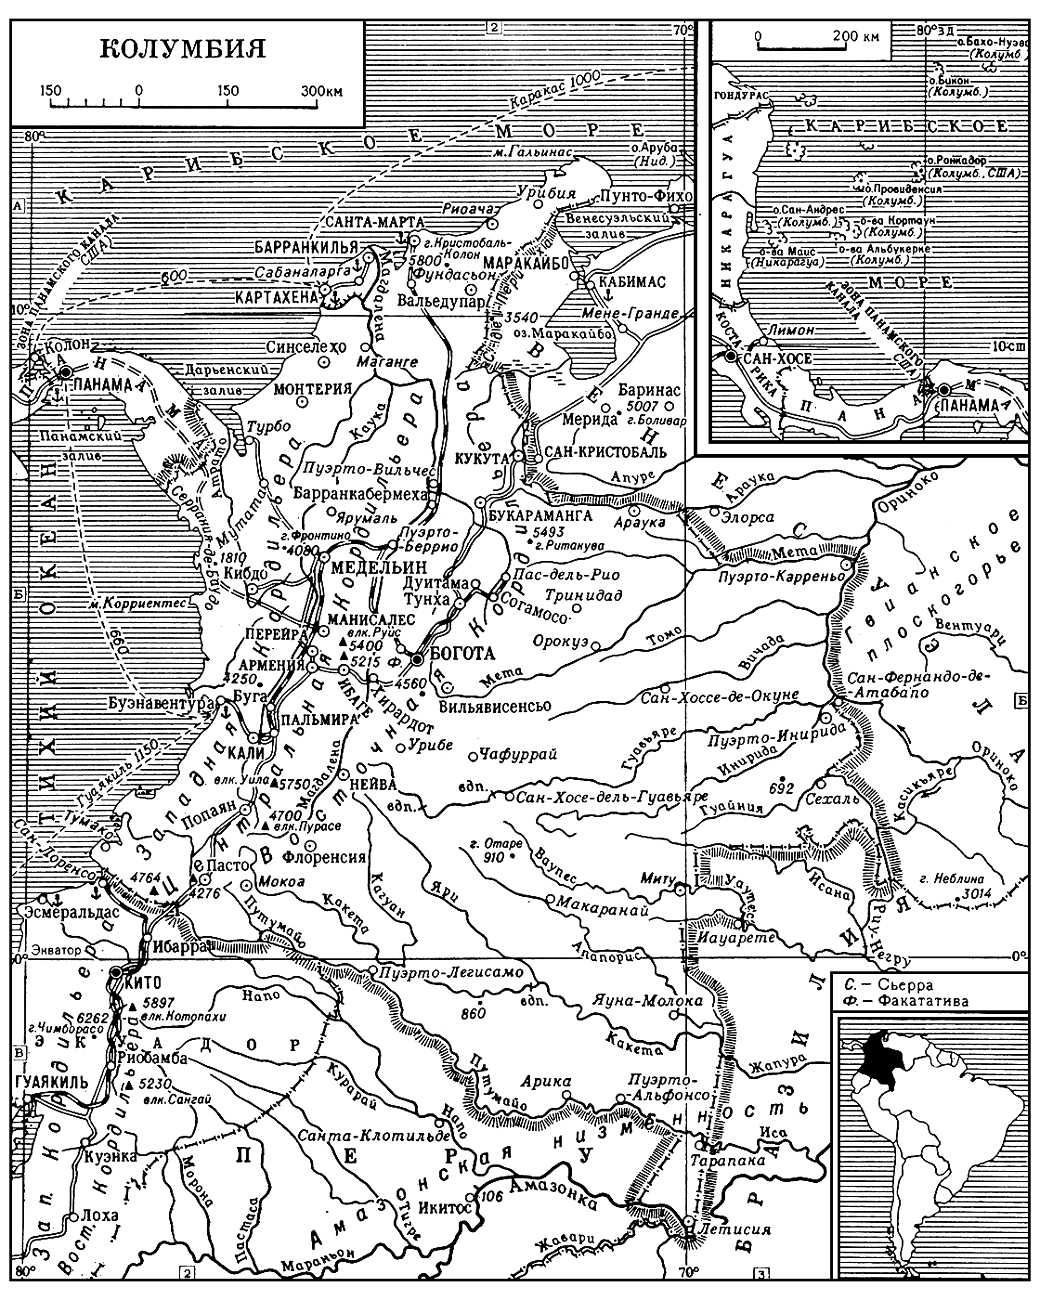 Колумбия (карта)